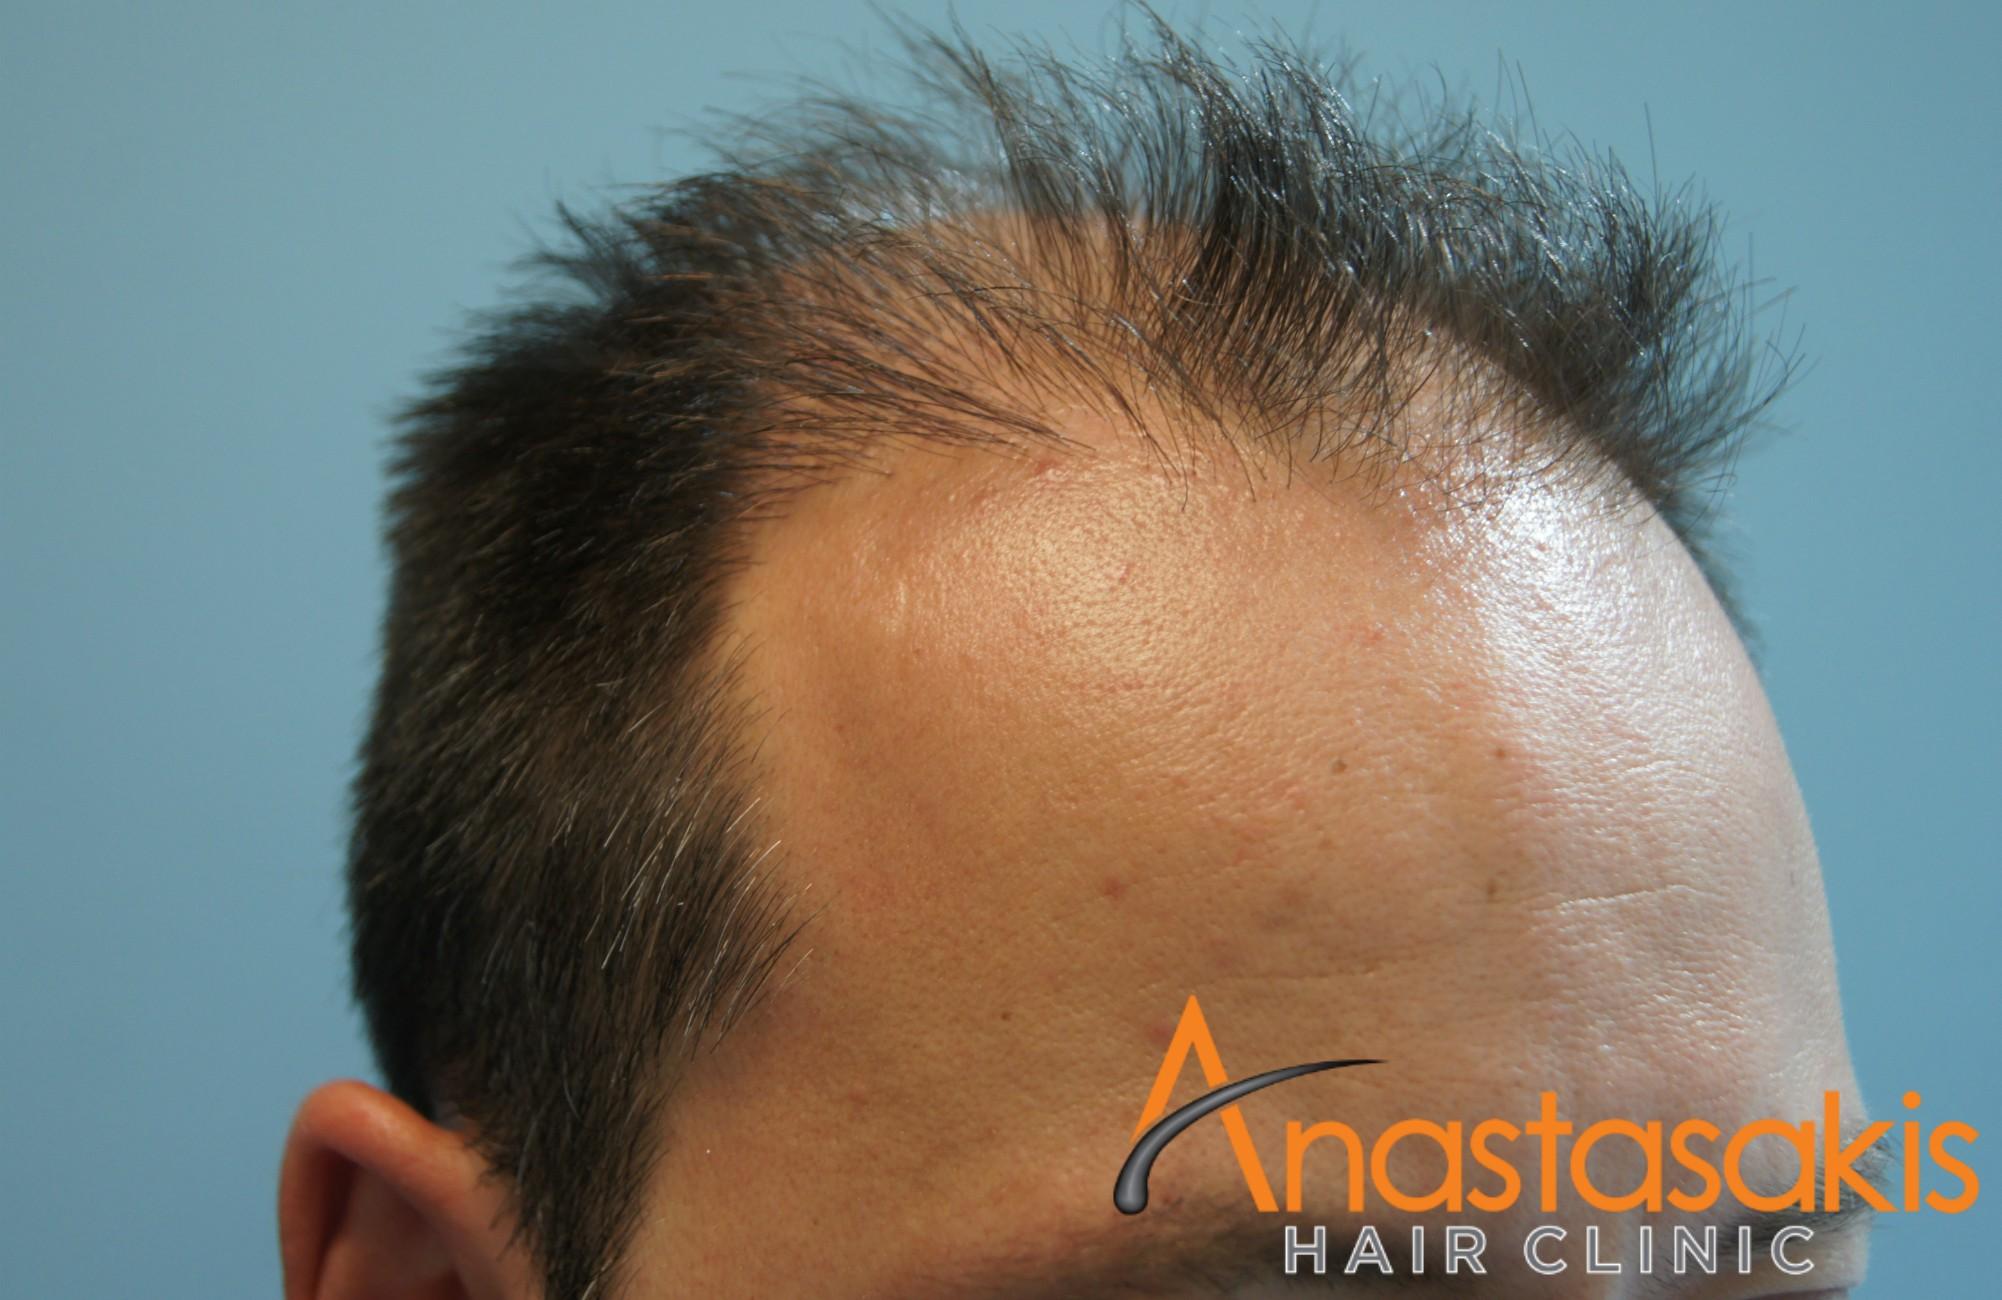 δεξι προφιλ 2 βαγγελη μαρουση πριν τη μεταμοσχευση μαλλιων με 2500 fus